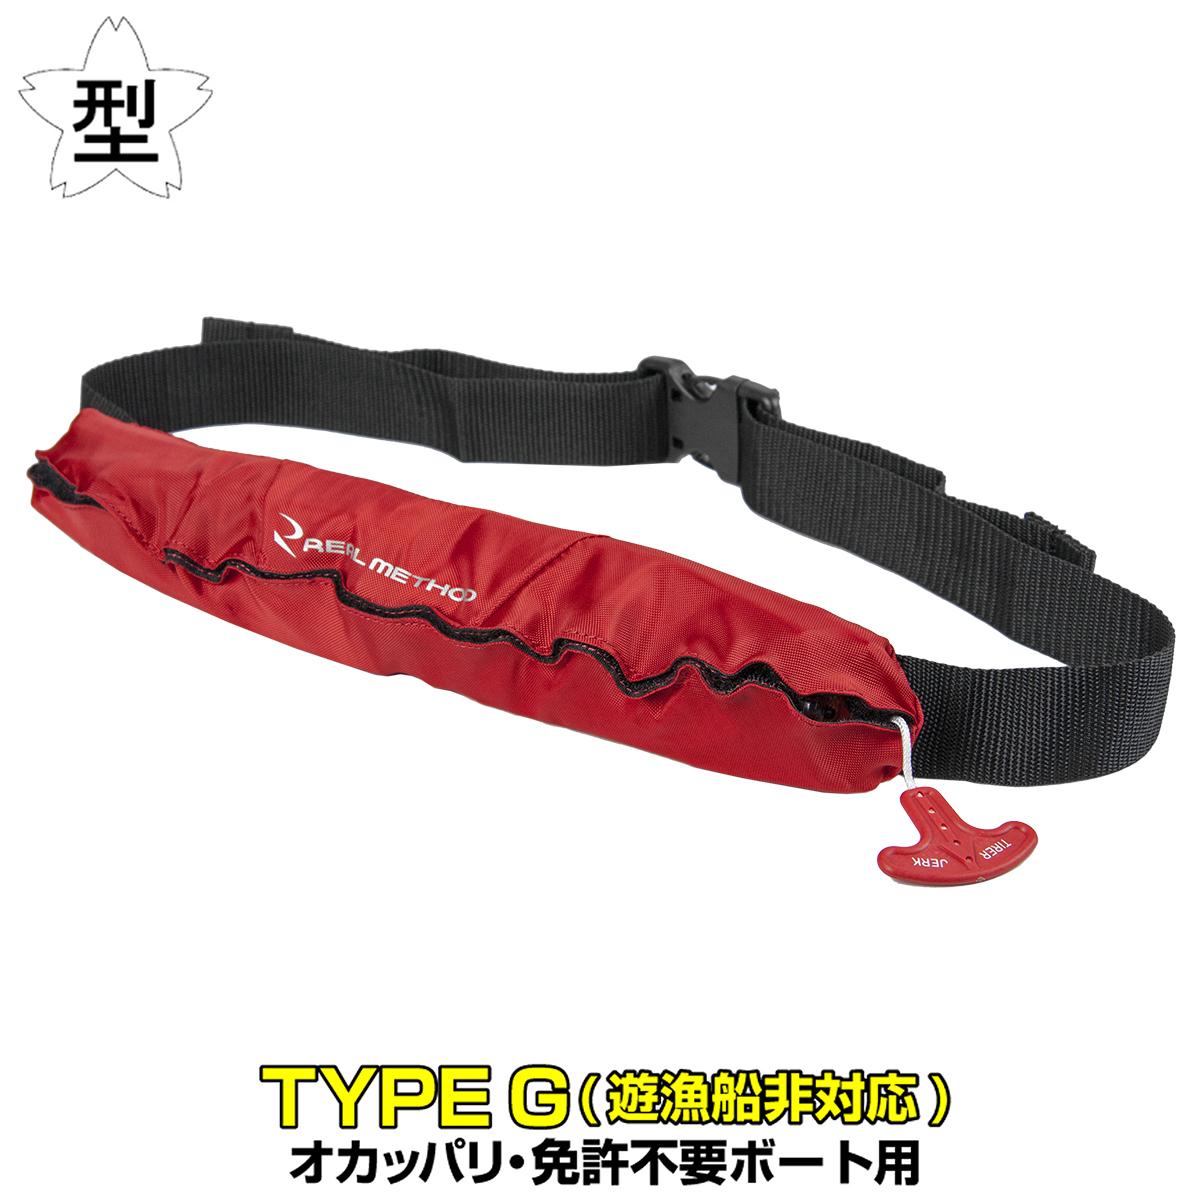 タカミヤ REALMETHOD 軽量自動膨張式ライフジャケット ウエストベルトタイプ RM-9220 レッド ※遊漁船非対応